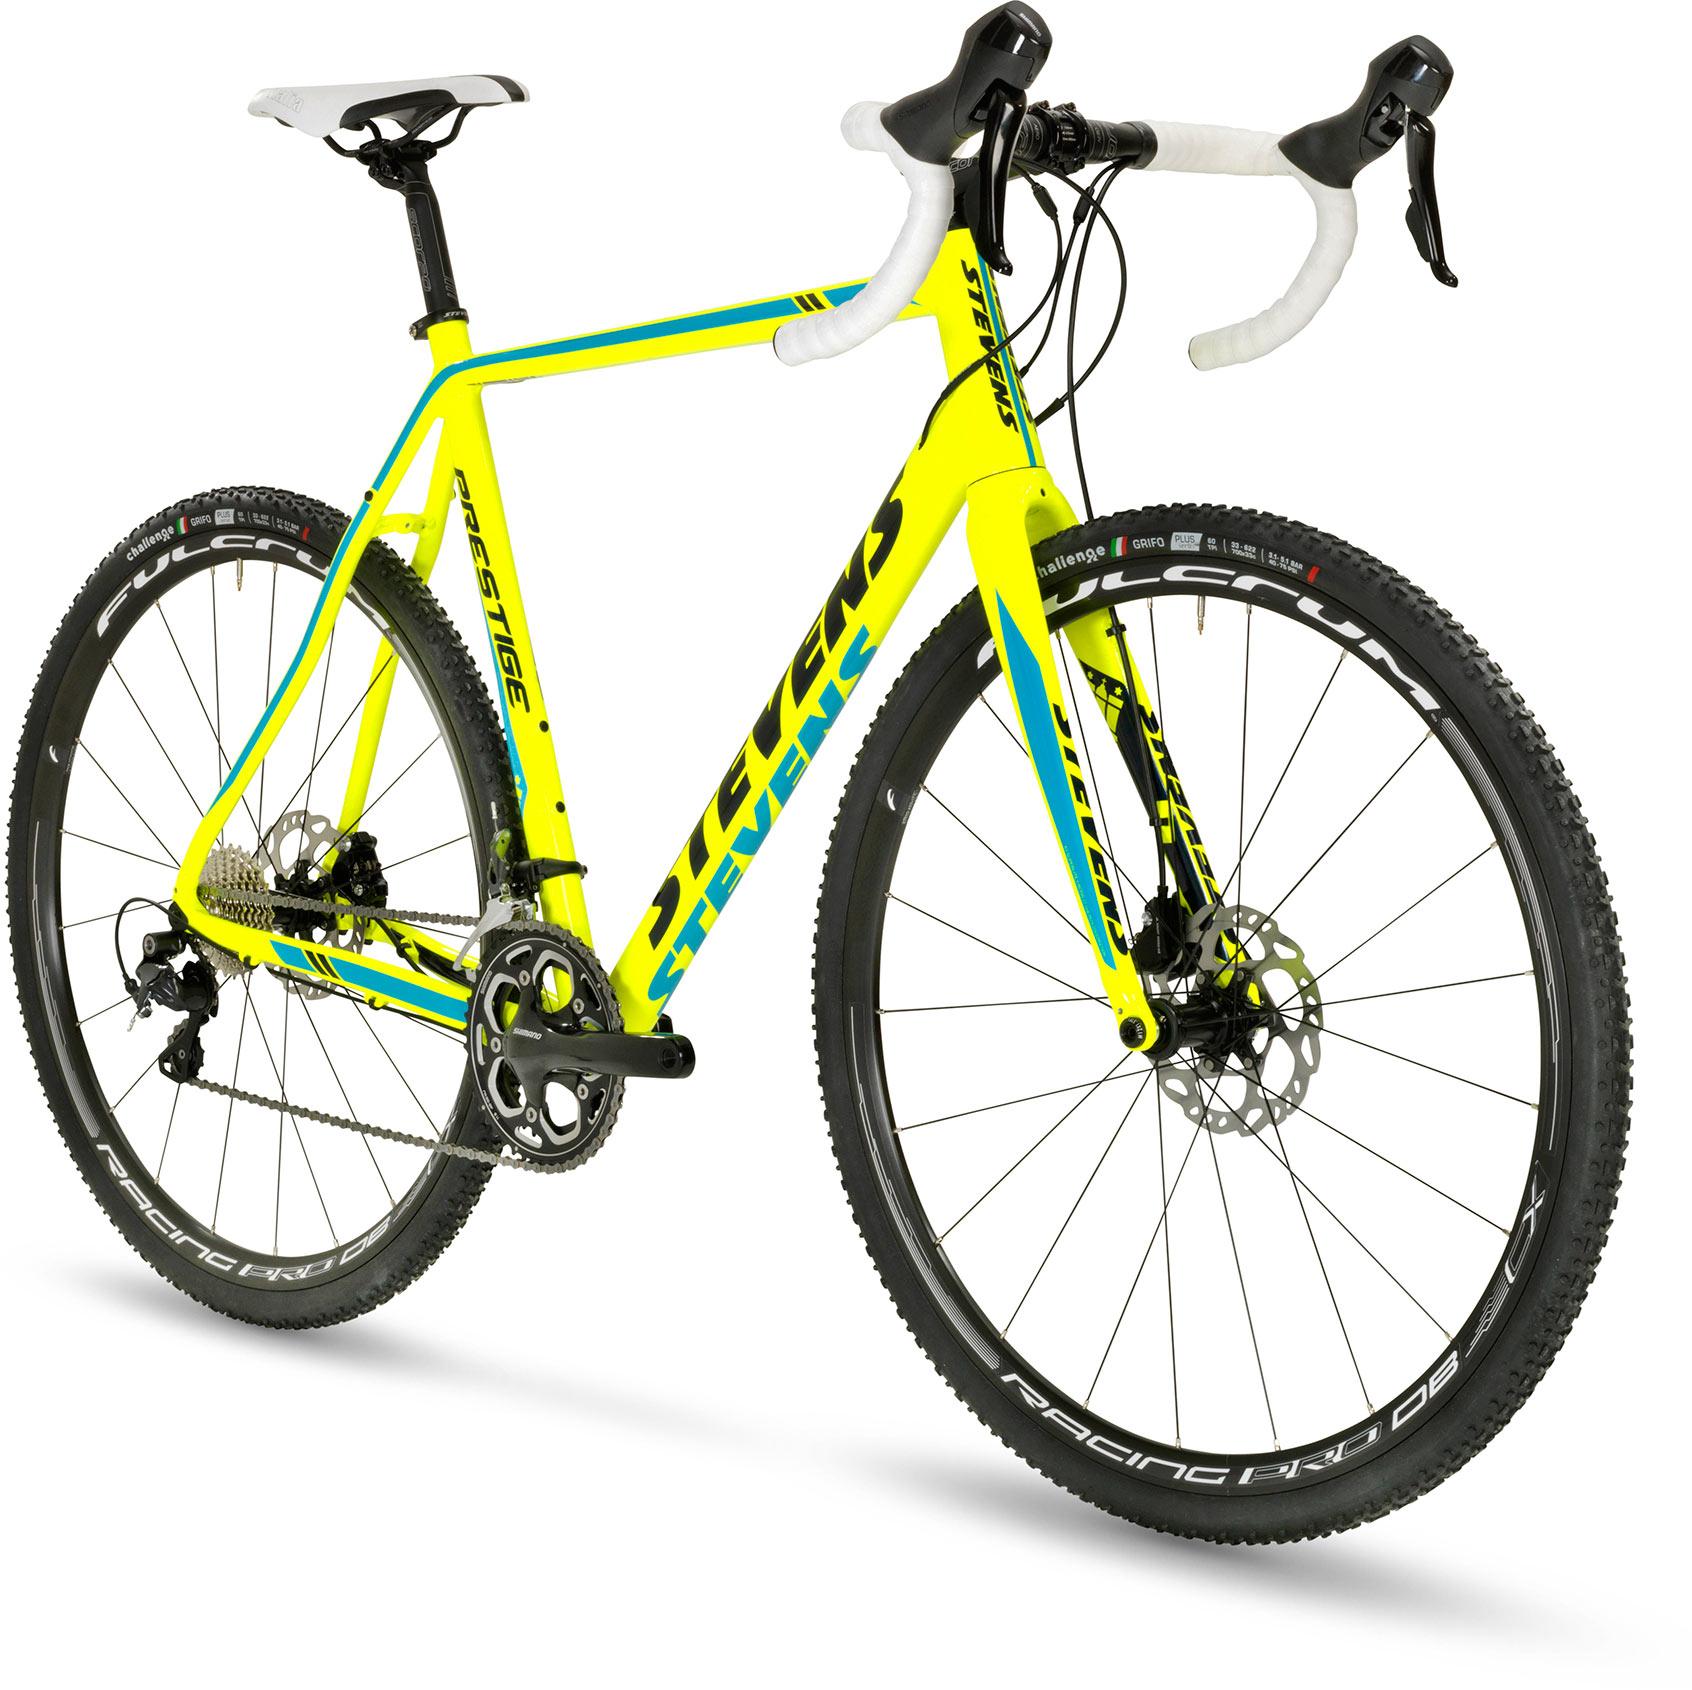 Prestige Stevens Bikes 2017